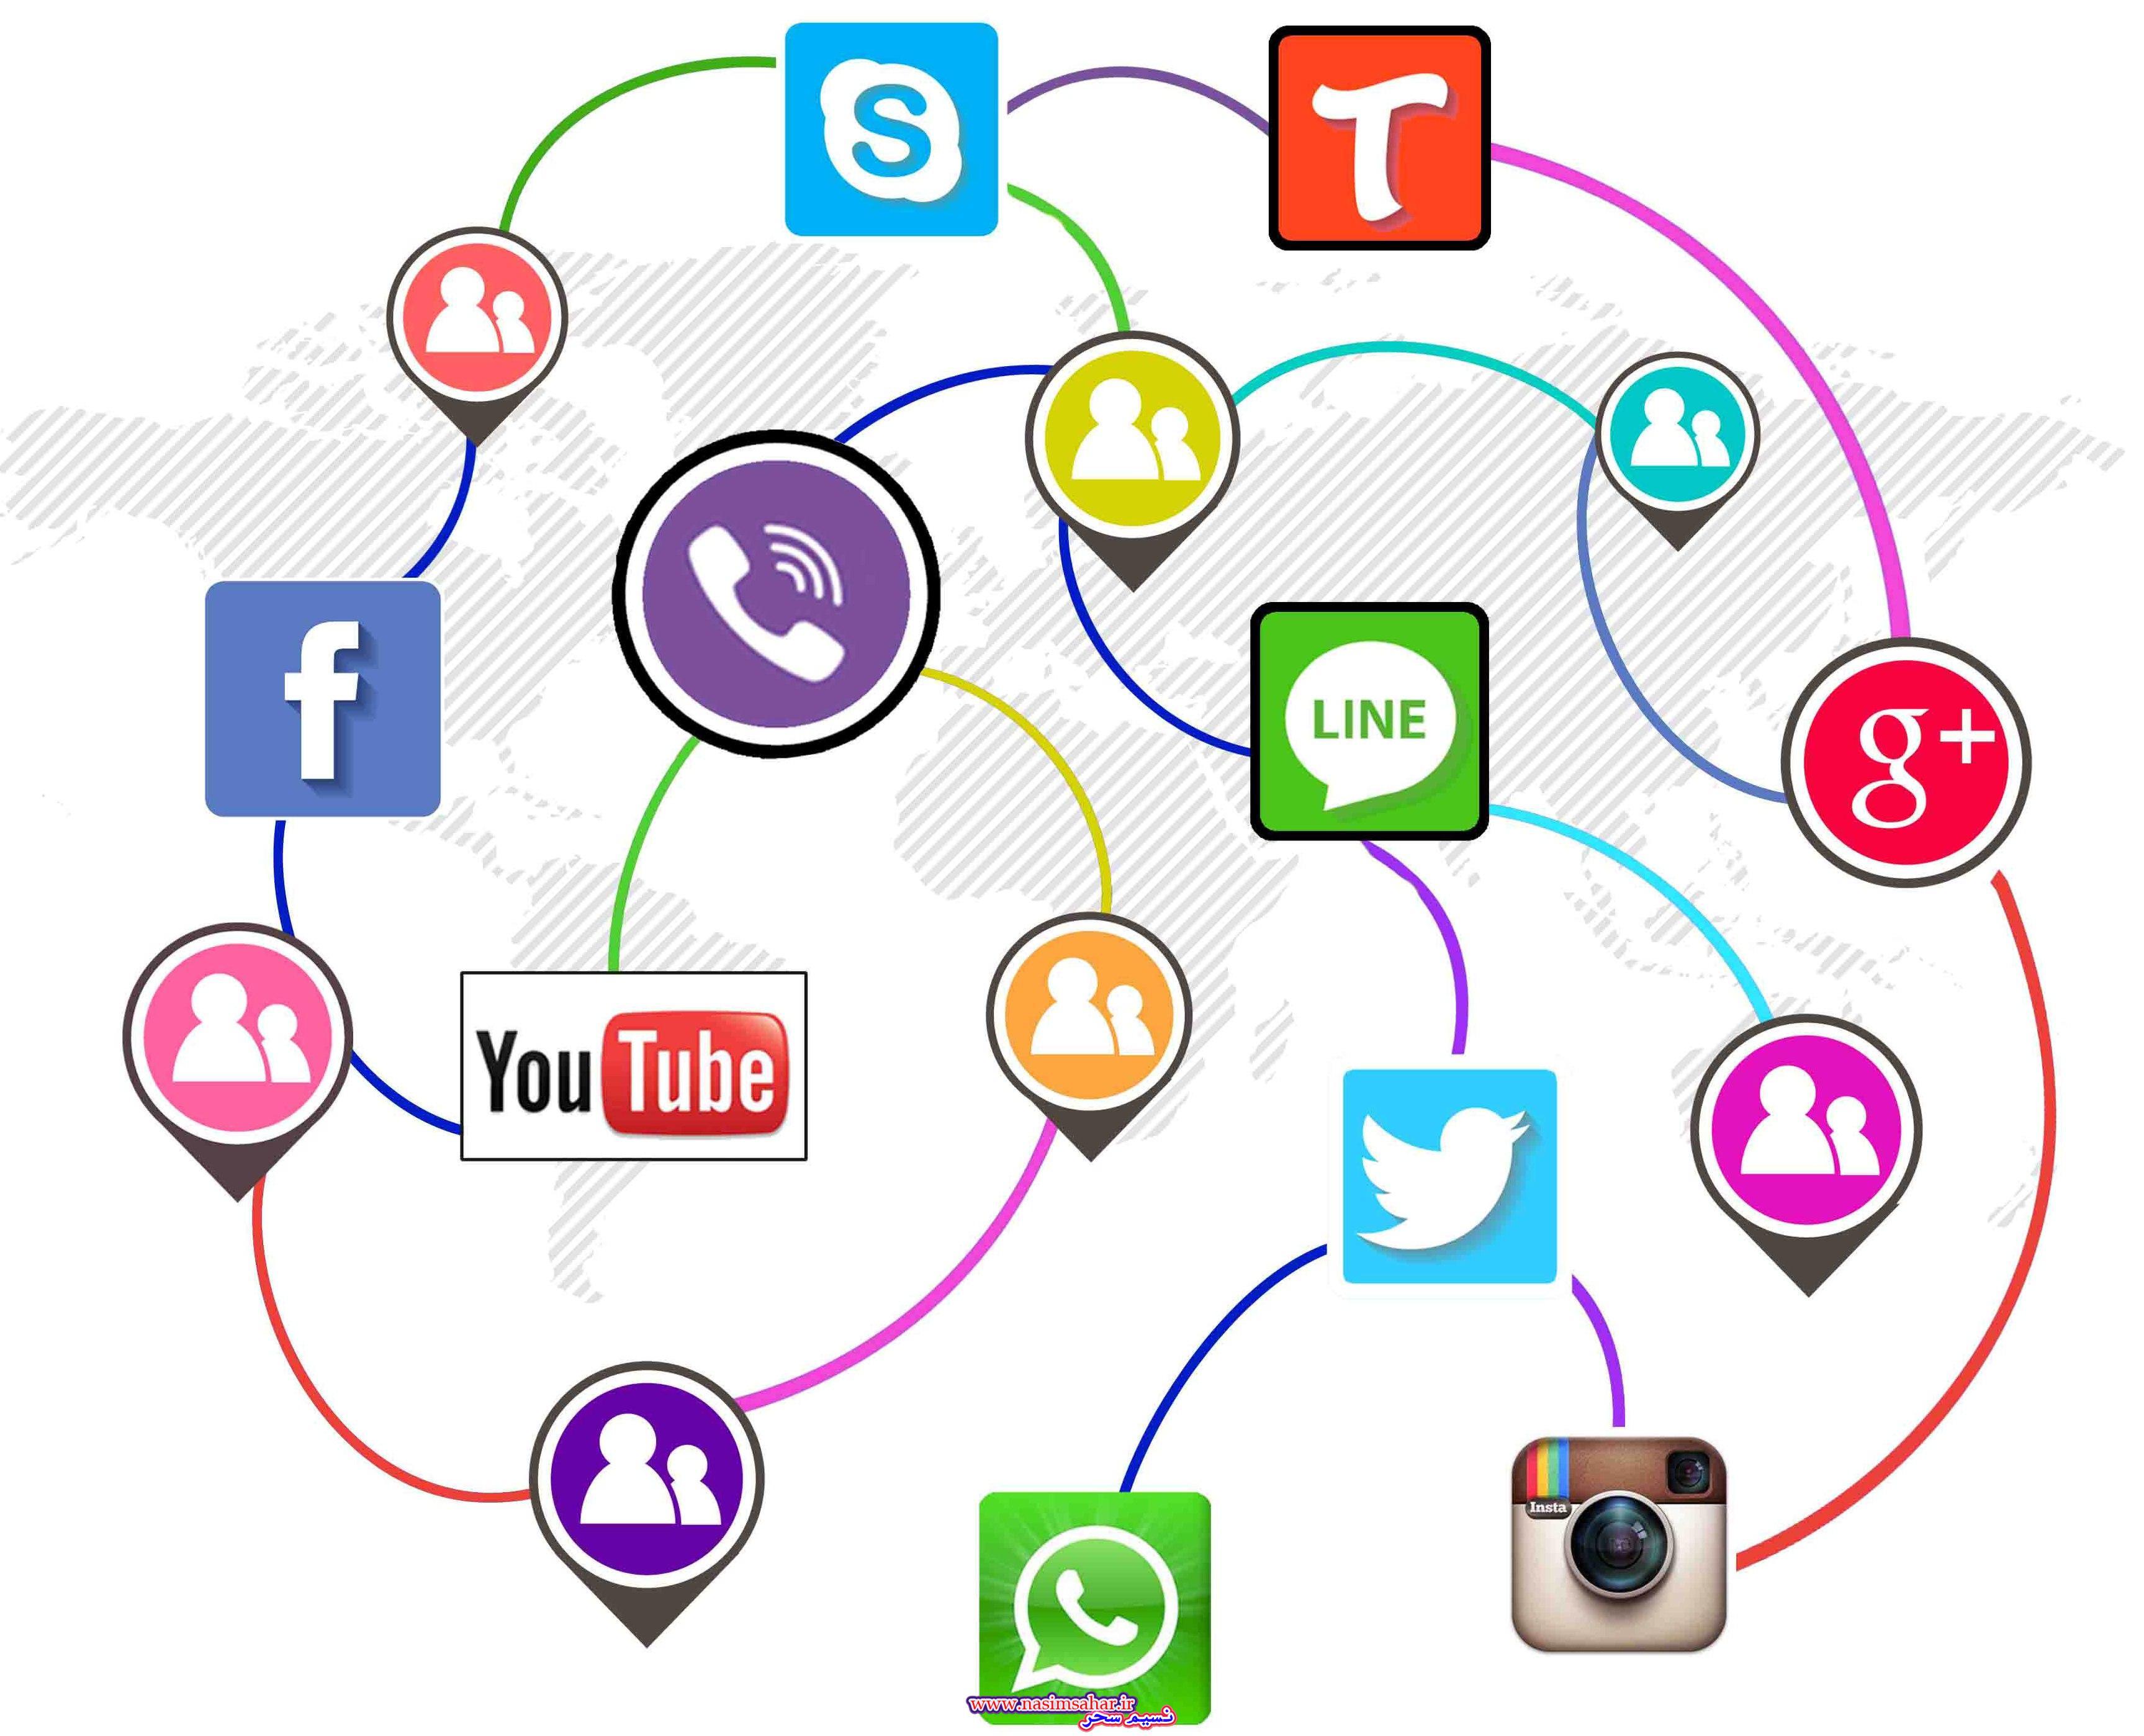 بهترین جایگزین شبکه های اجتماعی چیست